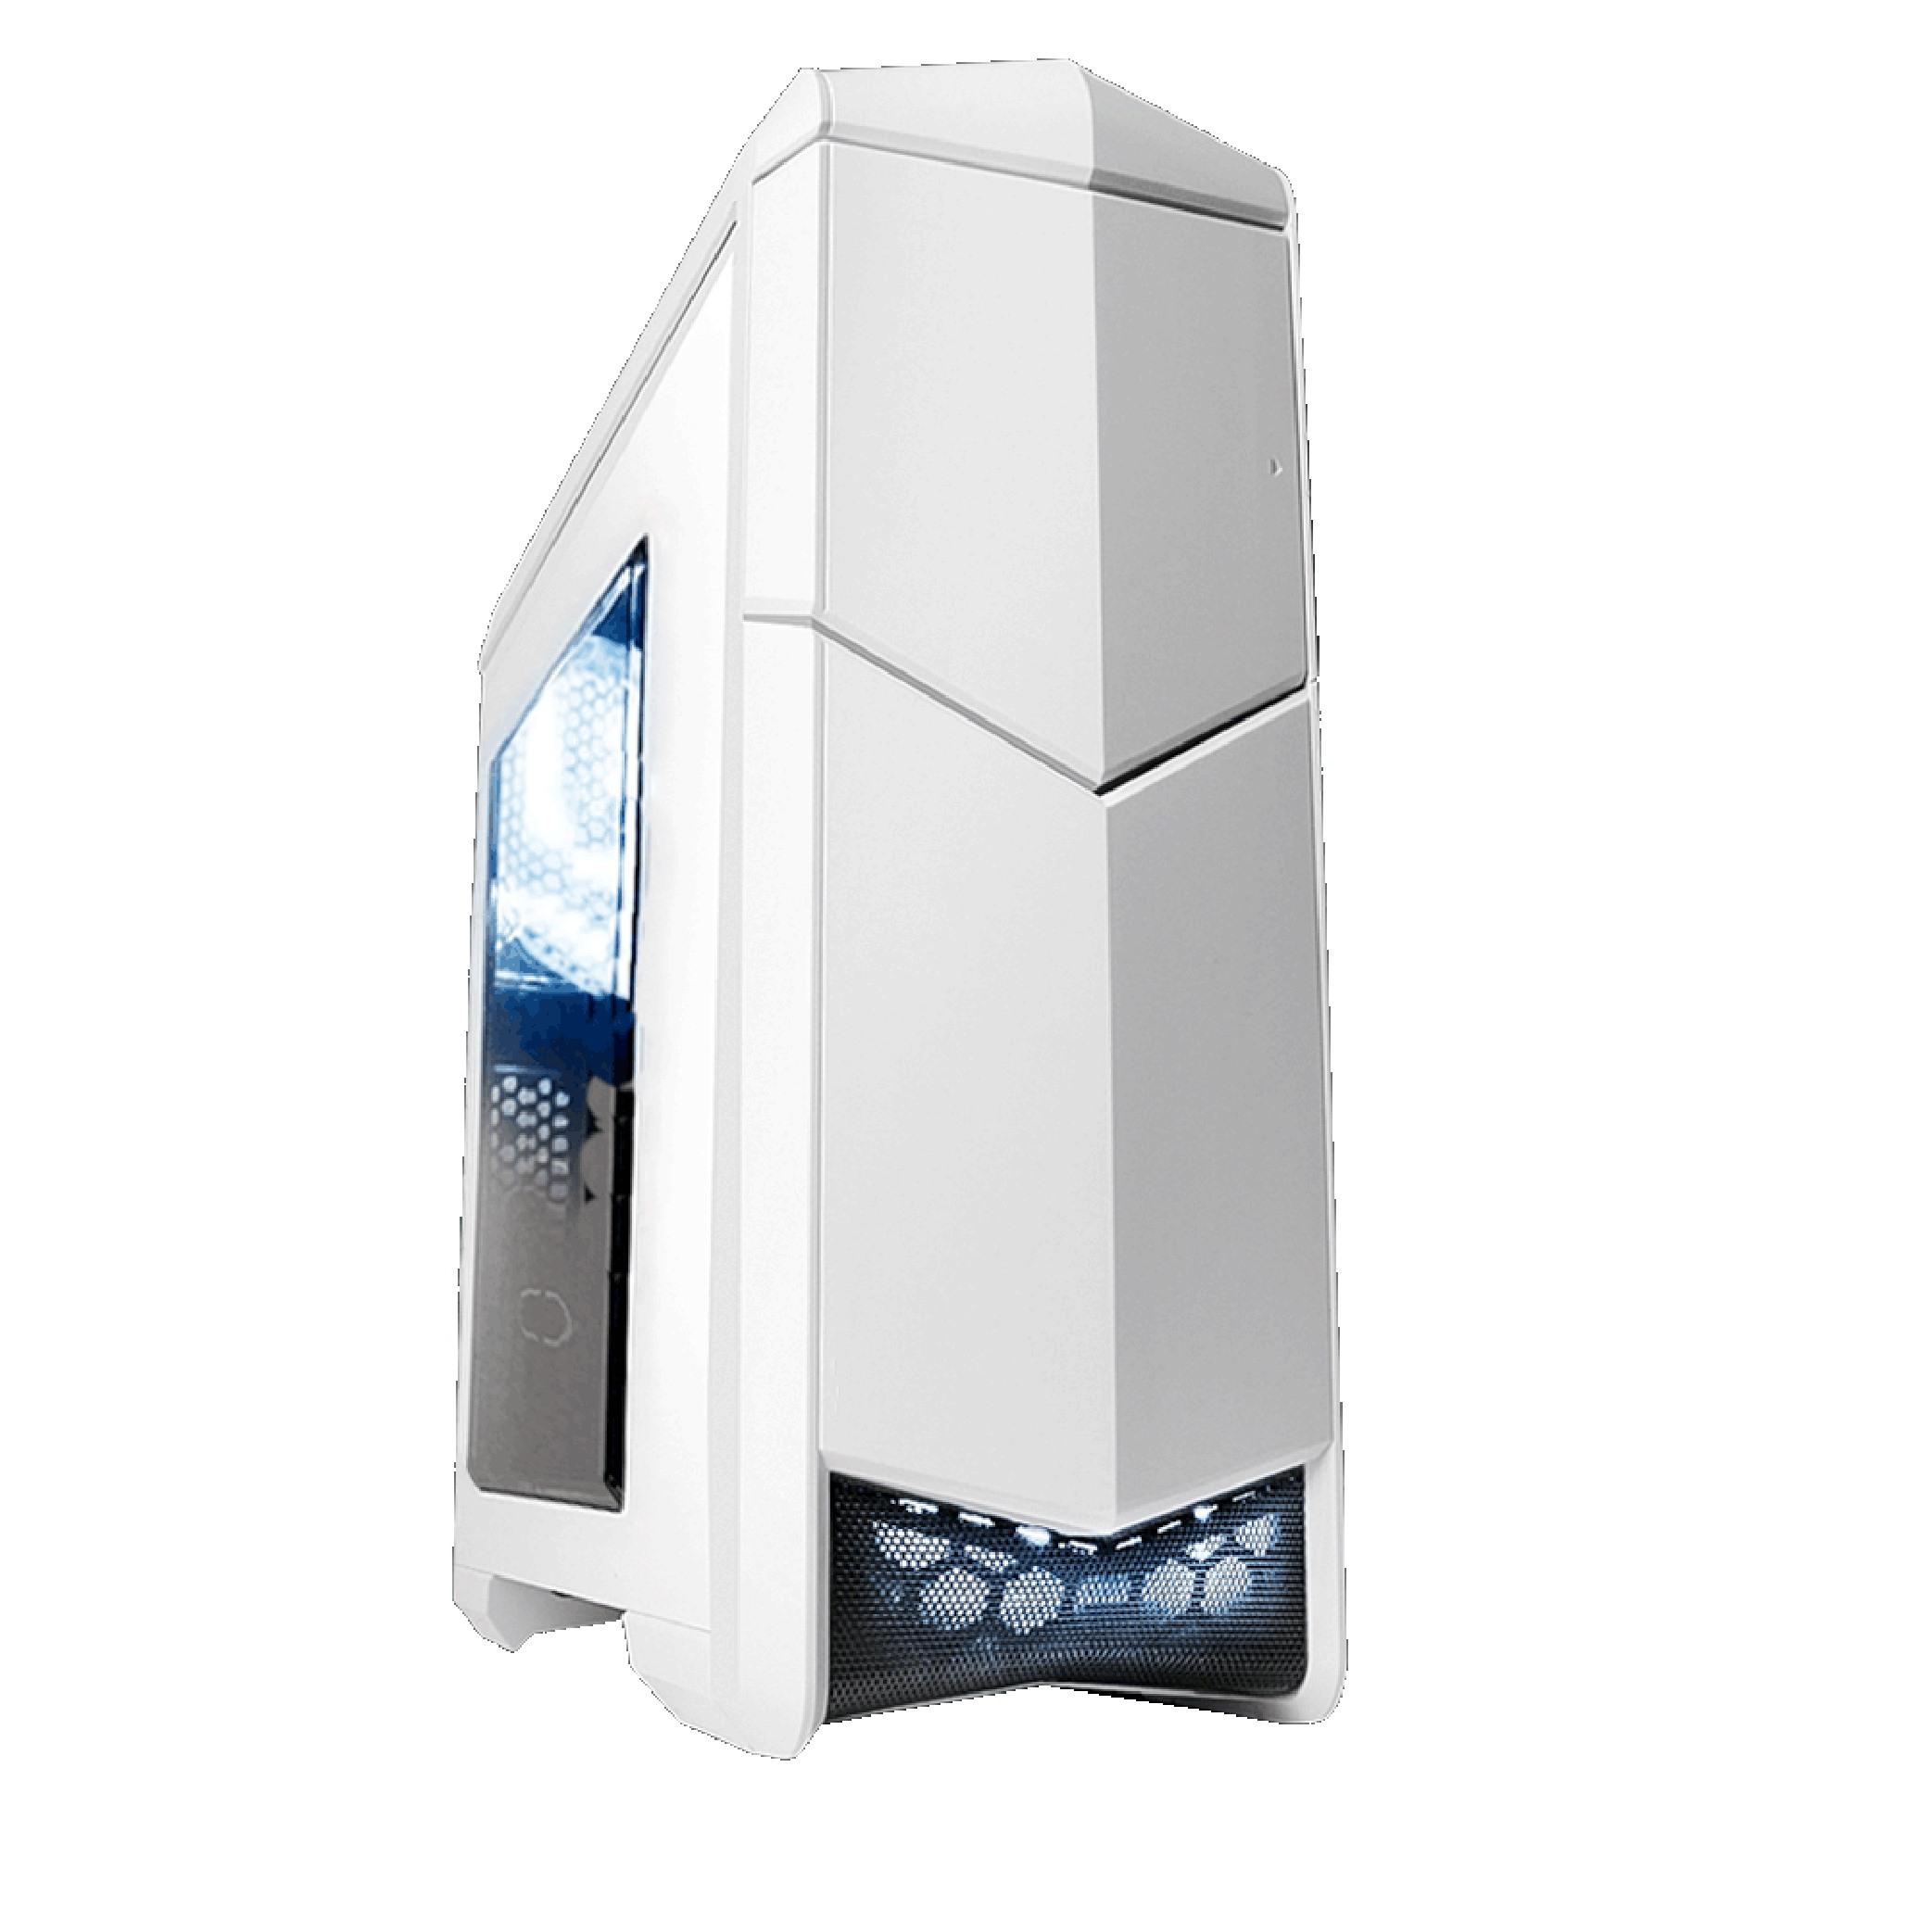 【迪特軍3C】立光代理 SADES 賽德斯 巴風特 L 大巴 2大8小 機殼 透側 白色 適用 ATX M-ATX ITX